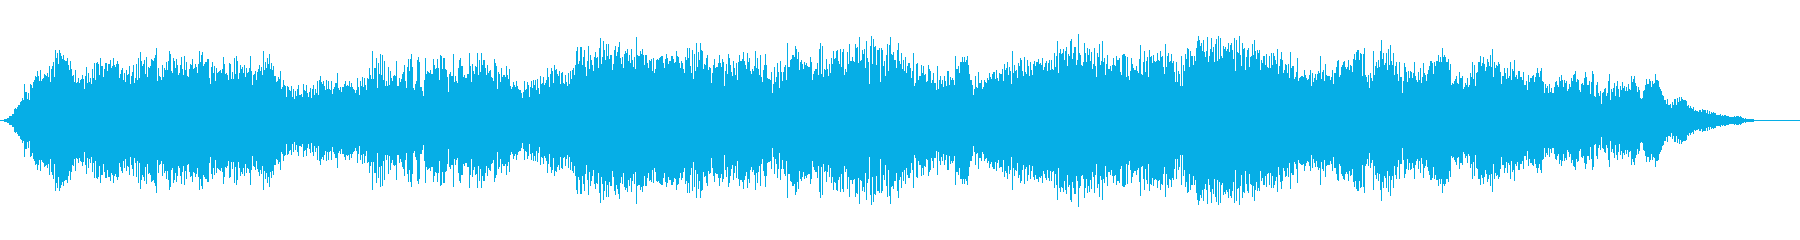 スピリットホロー2の再生済みの波形